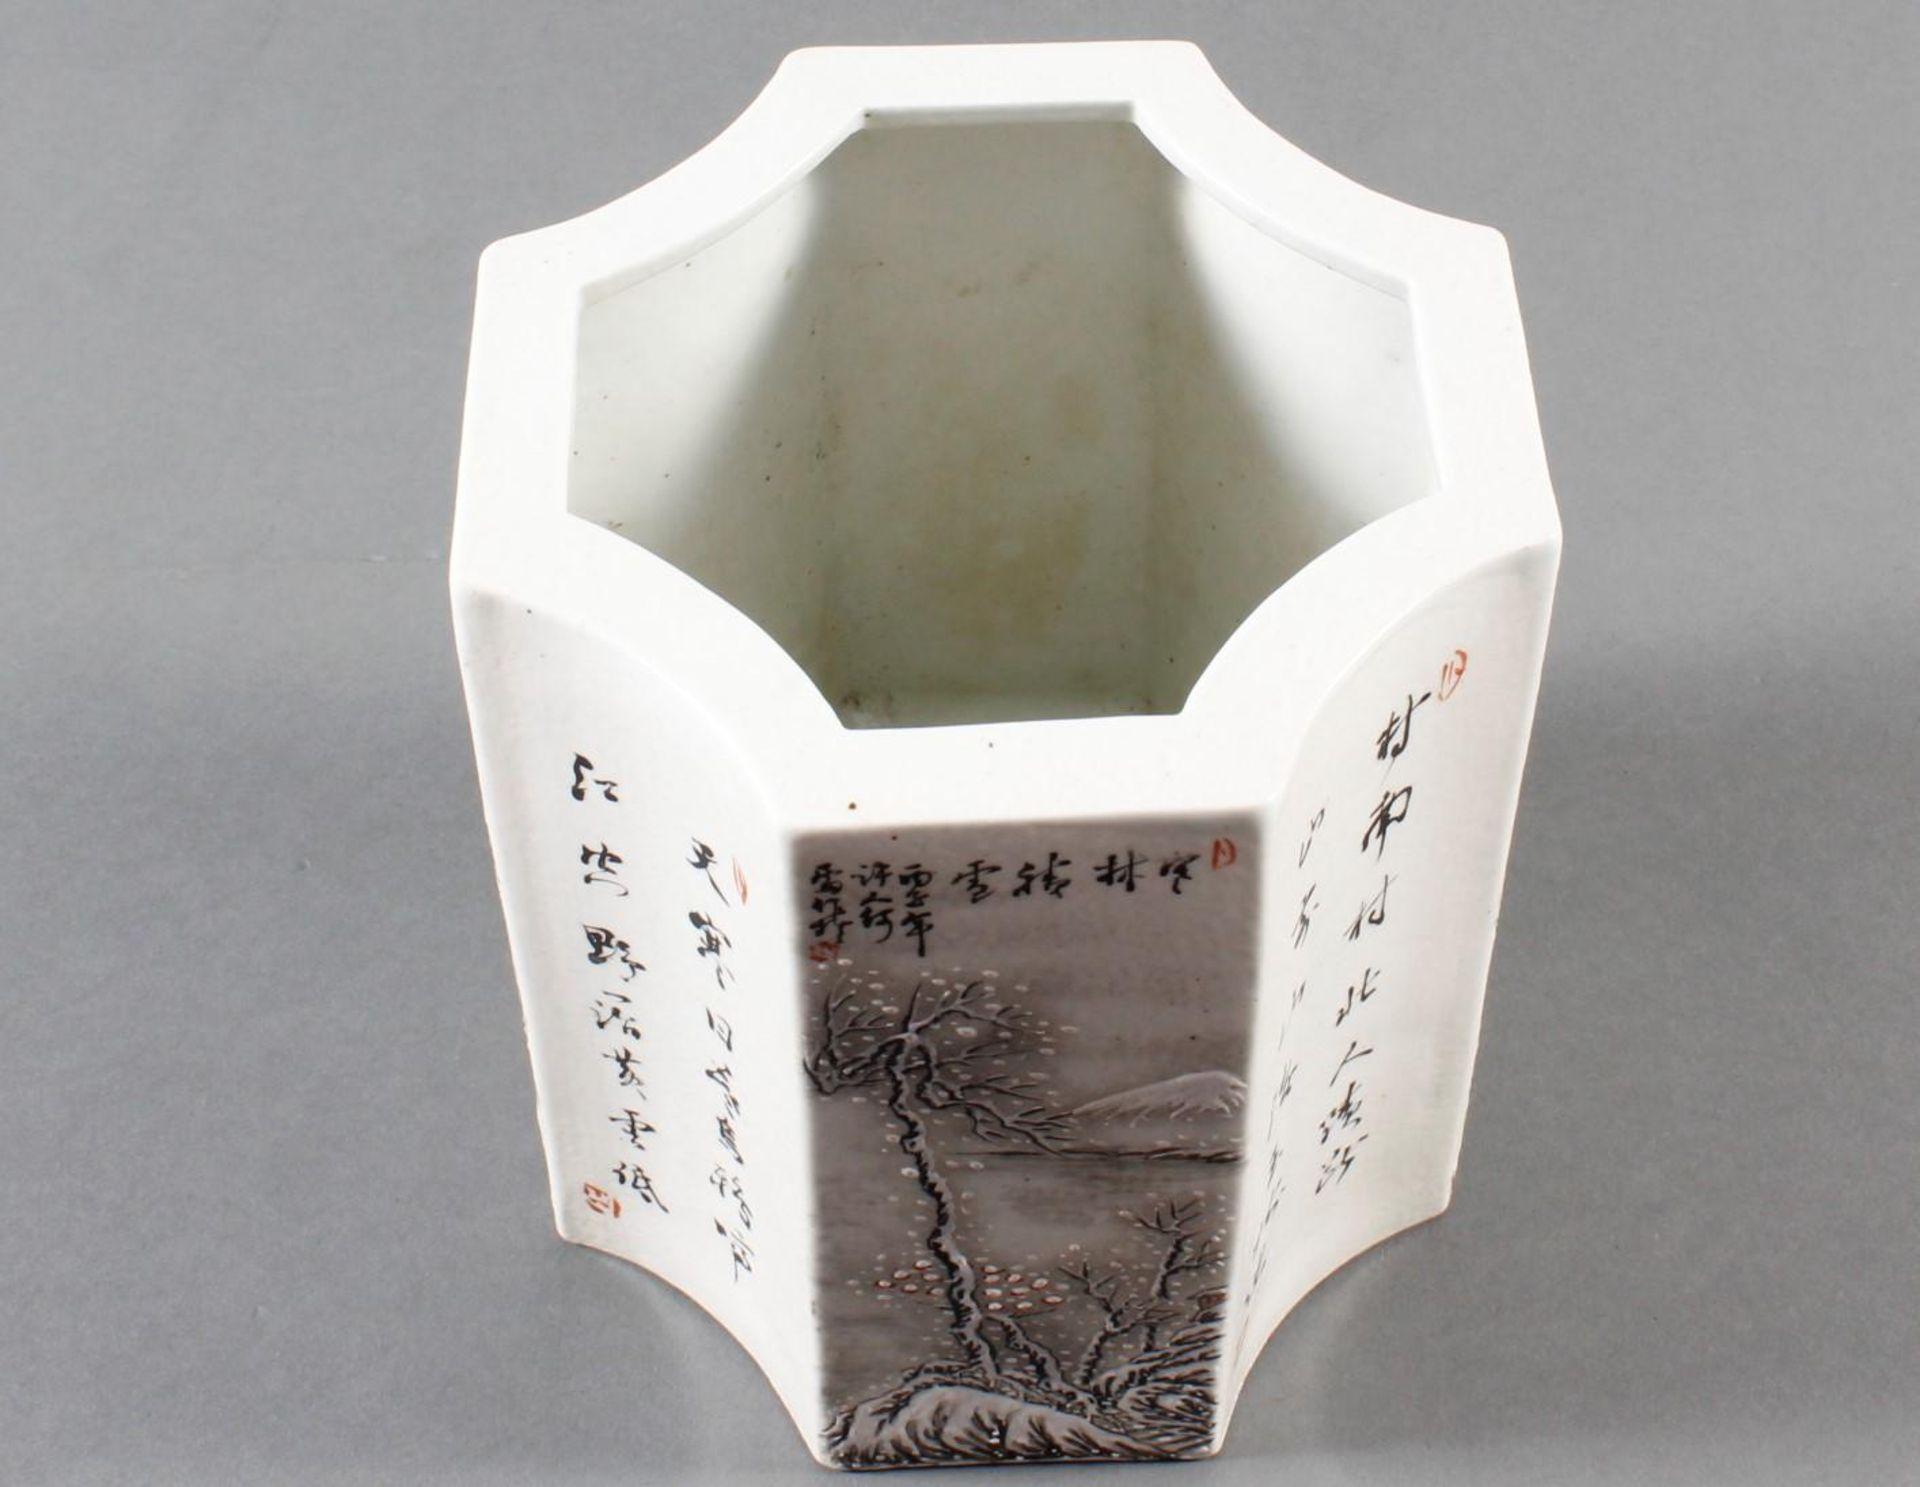 Porzellan-Pinselbehälter, China, Mitte 20. Jahrhundert - Bild 13 aus 15